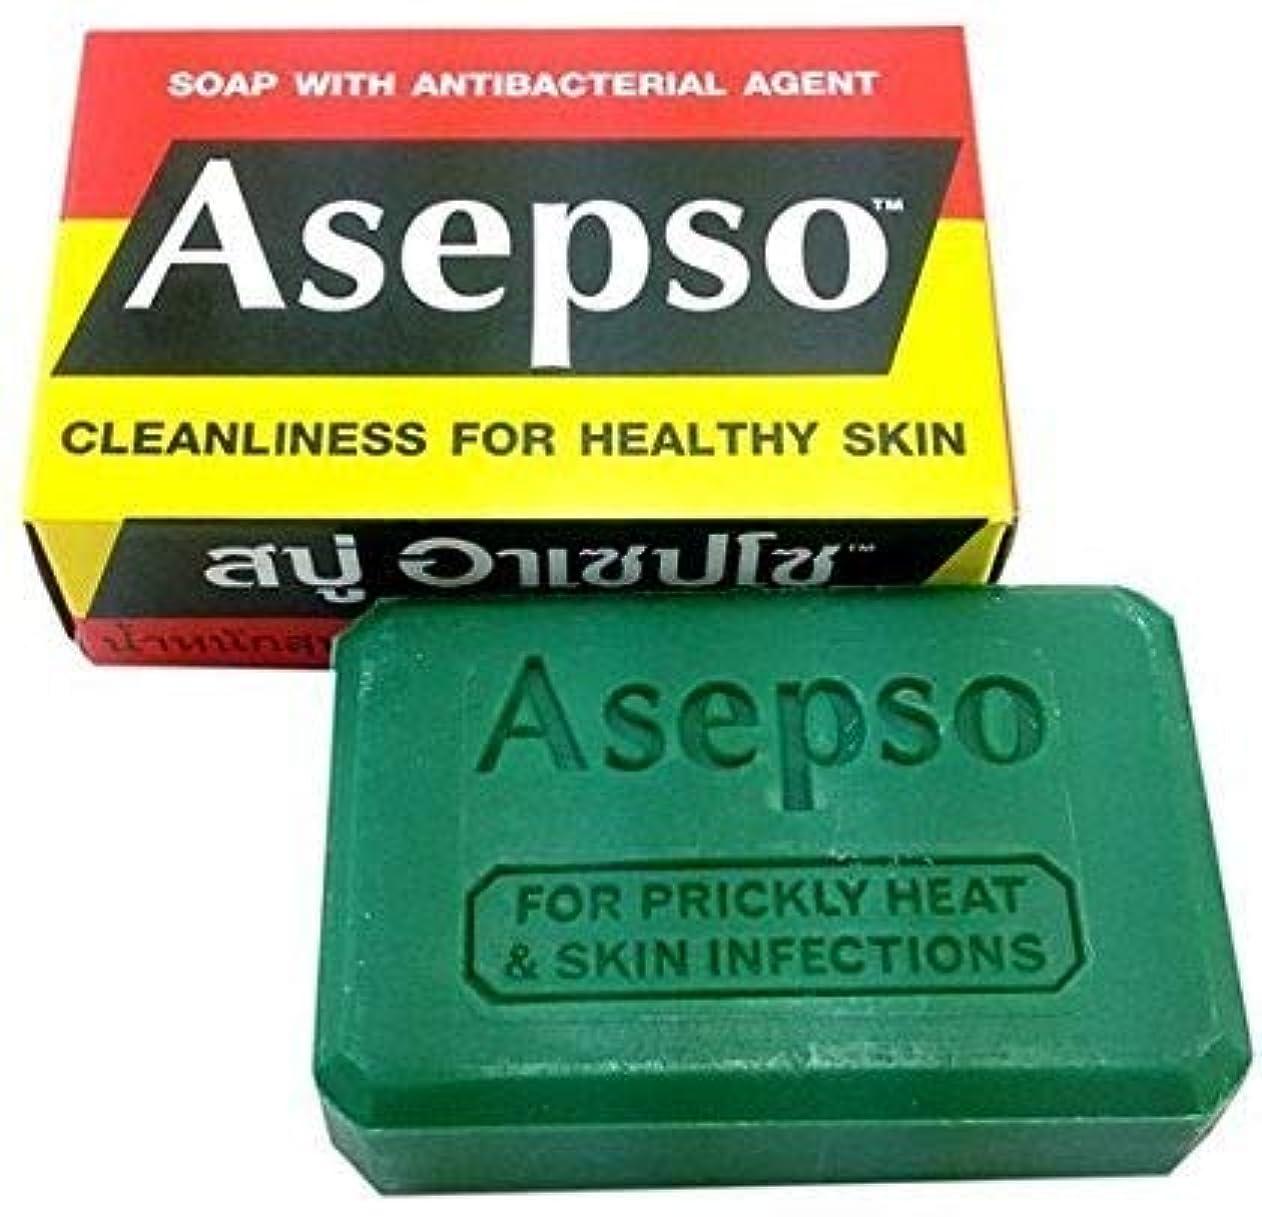 投げ捨てる弾薬クリームNi Yom Thai shop Asepso Soap with Antibacterial Agent 80 Grams